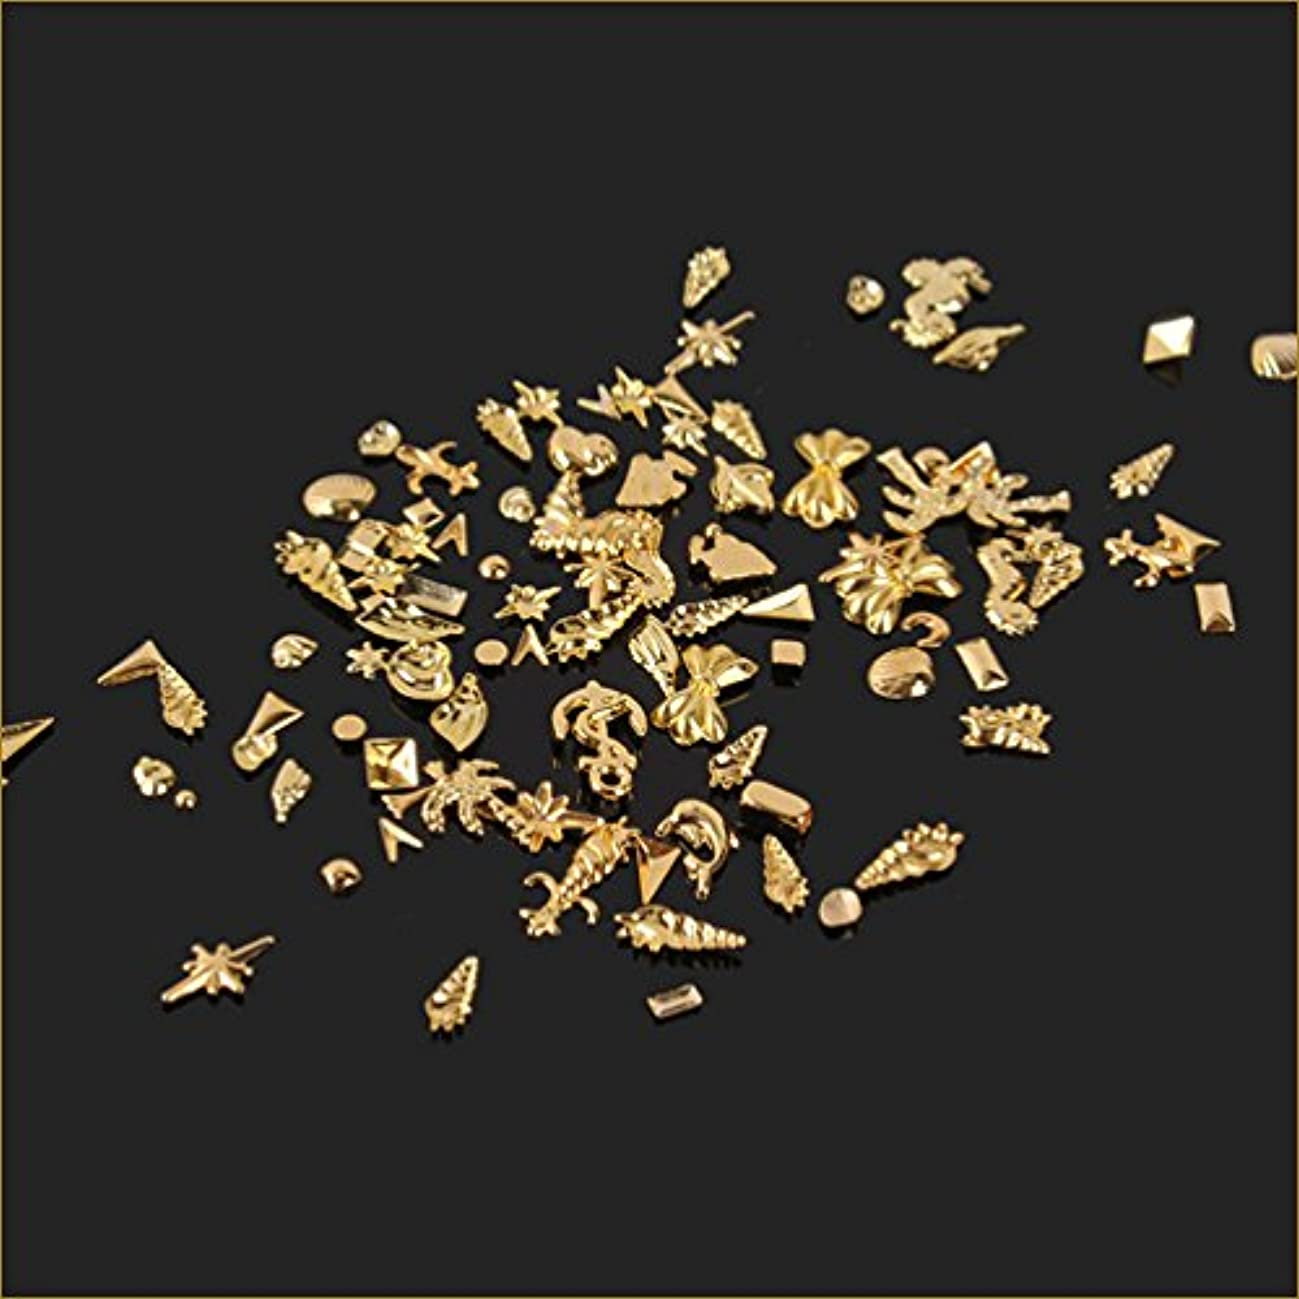 値ぜいたく書誌ネイルパーツ シェルパーツ ネイルアートパーツ 貝海系 100個入りサマーゴールド スタッズ ジェルネイル